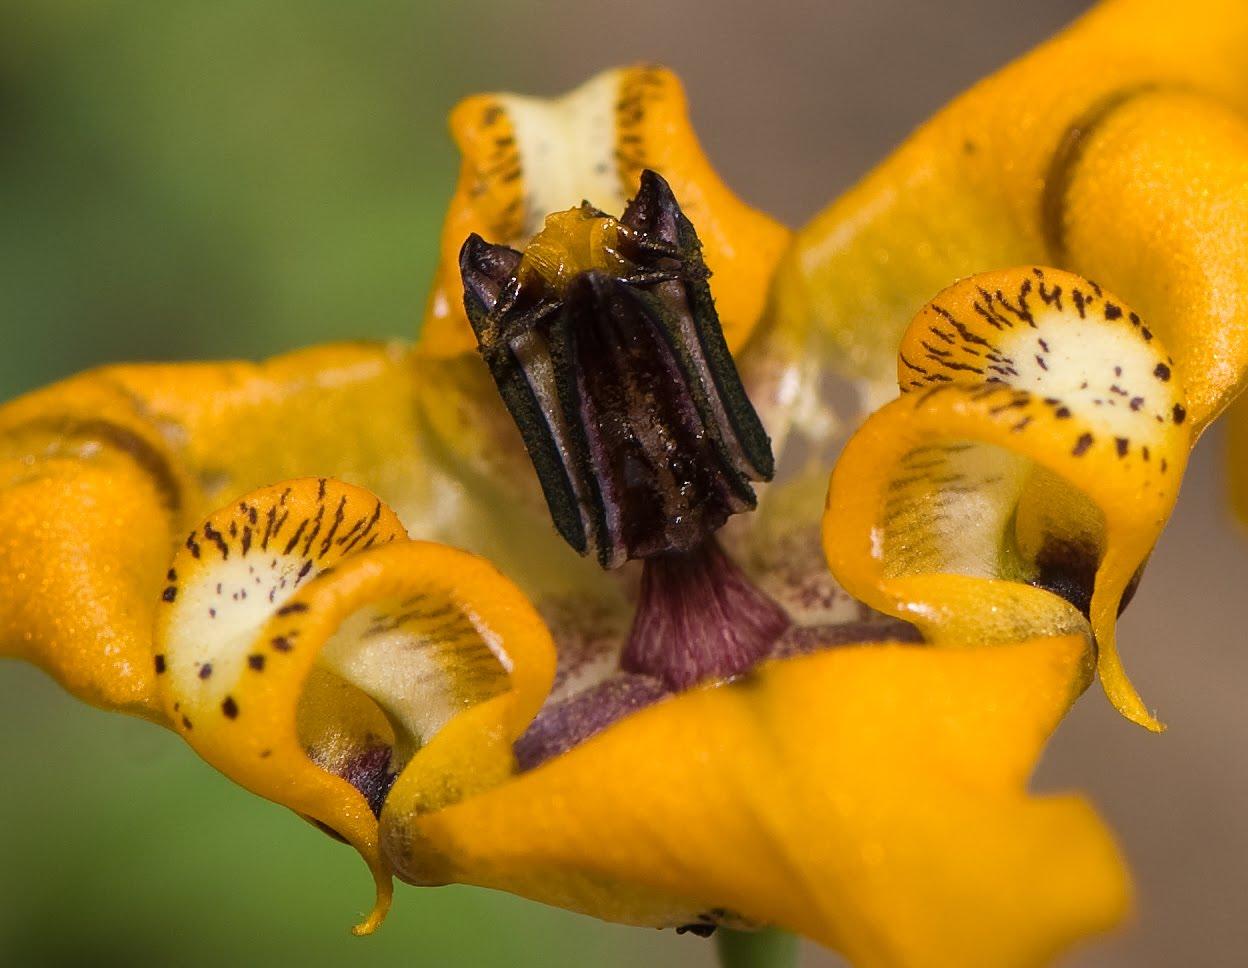 Confira belas imagens de flores de jardim RIC Rural RIC  - Imagens De Flores No Jardim